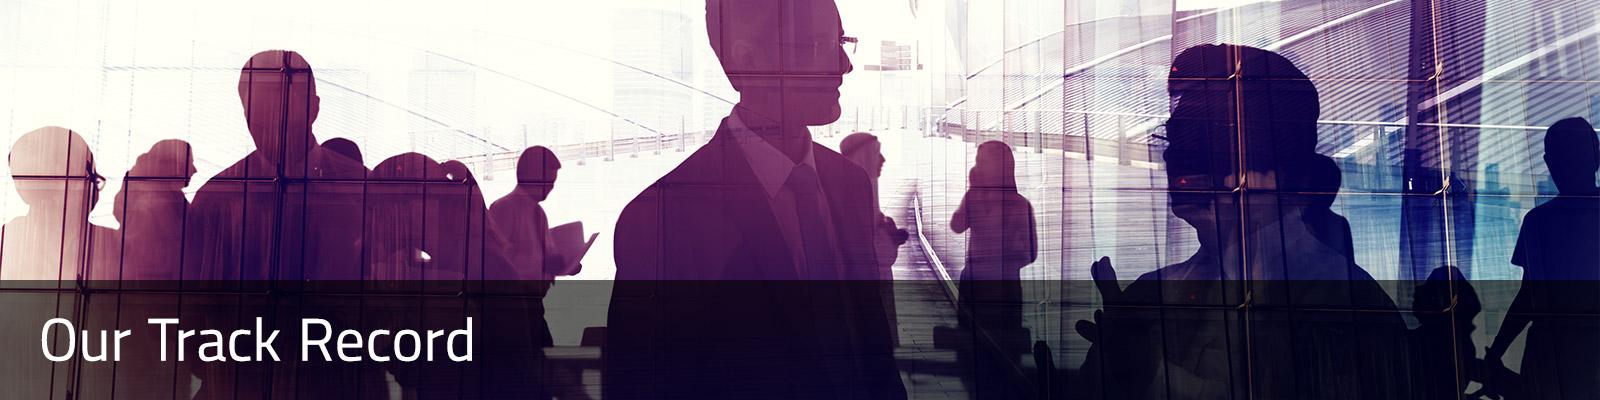 executive search track record